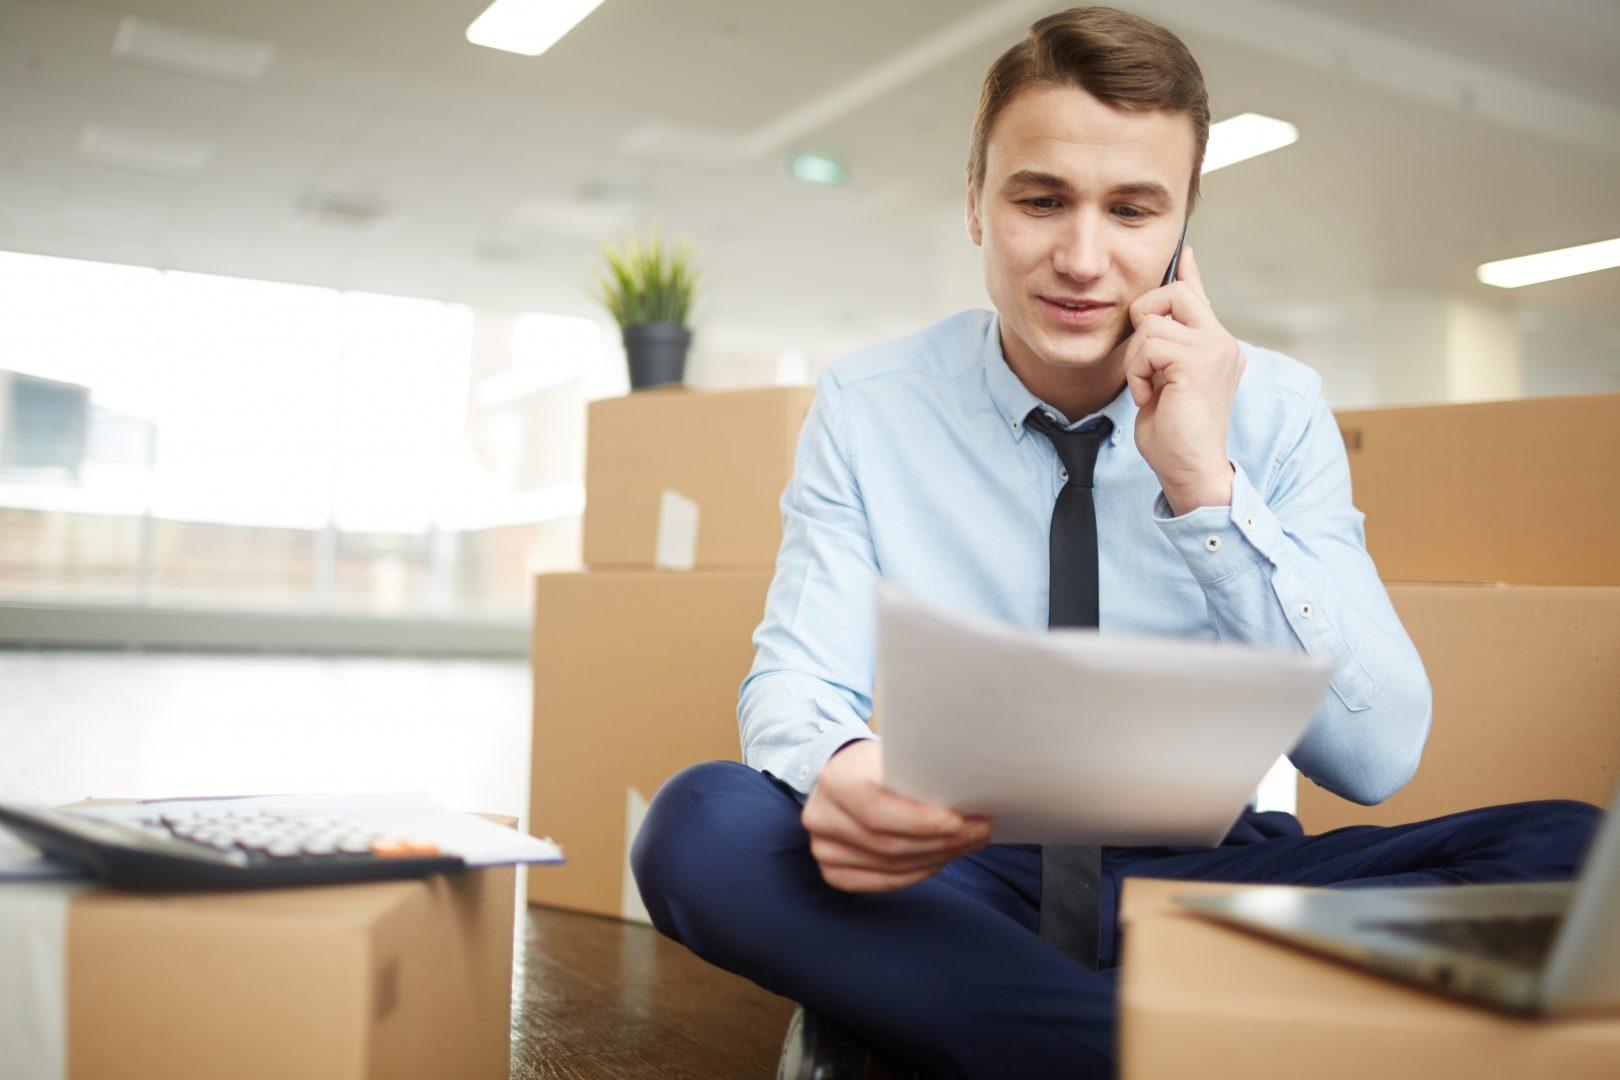 comment changer de fournisseur quand on déménage